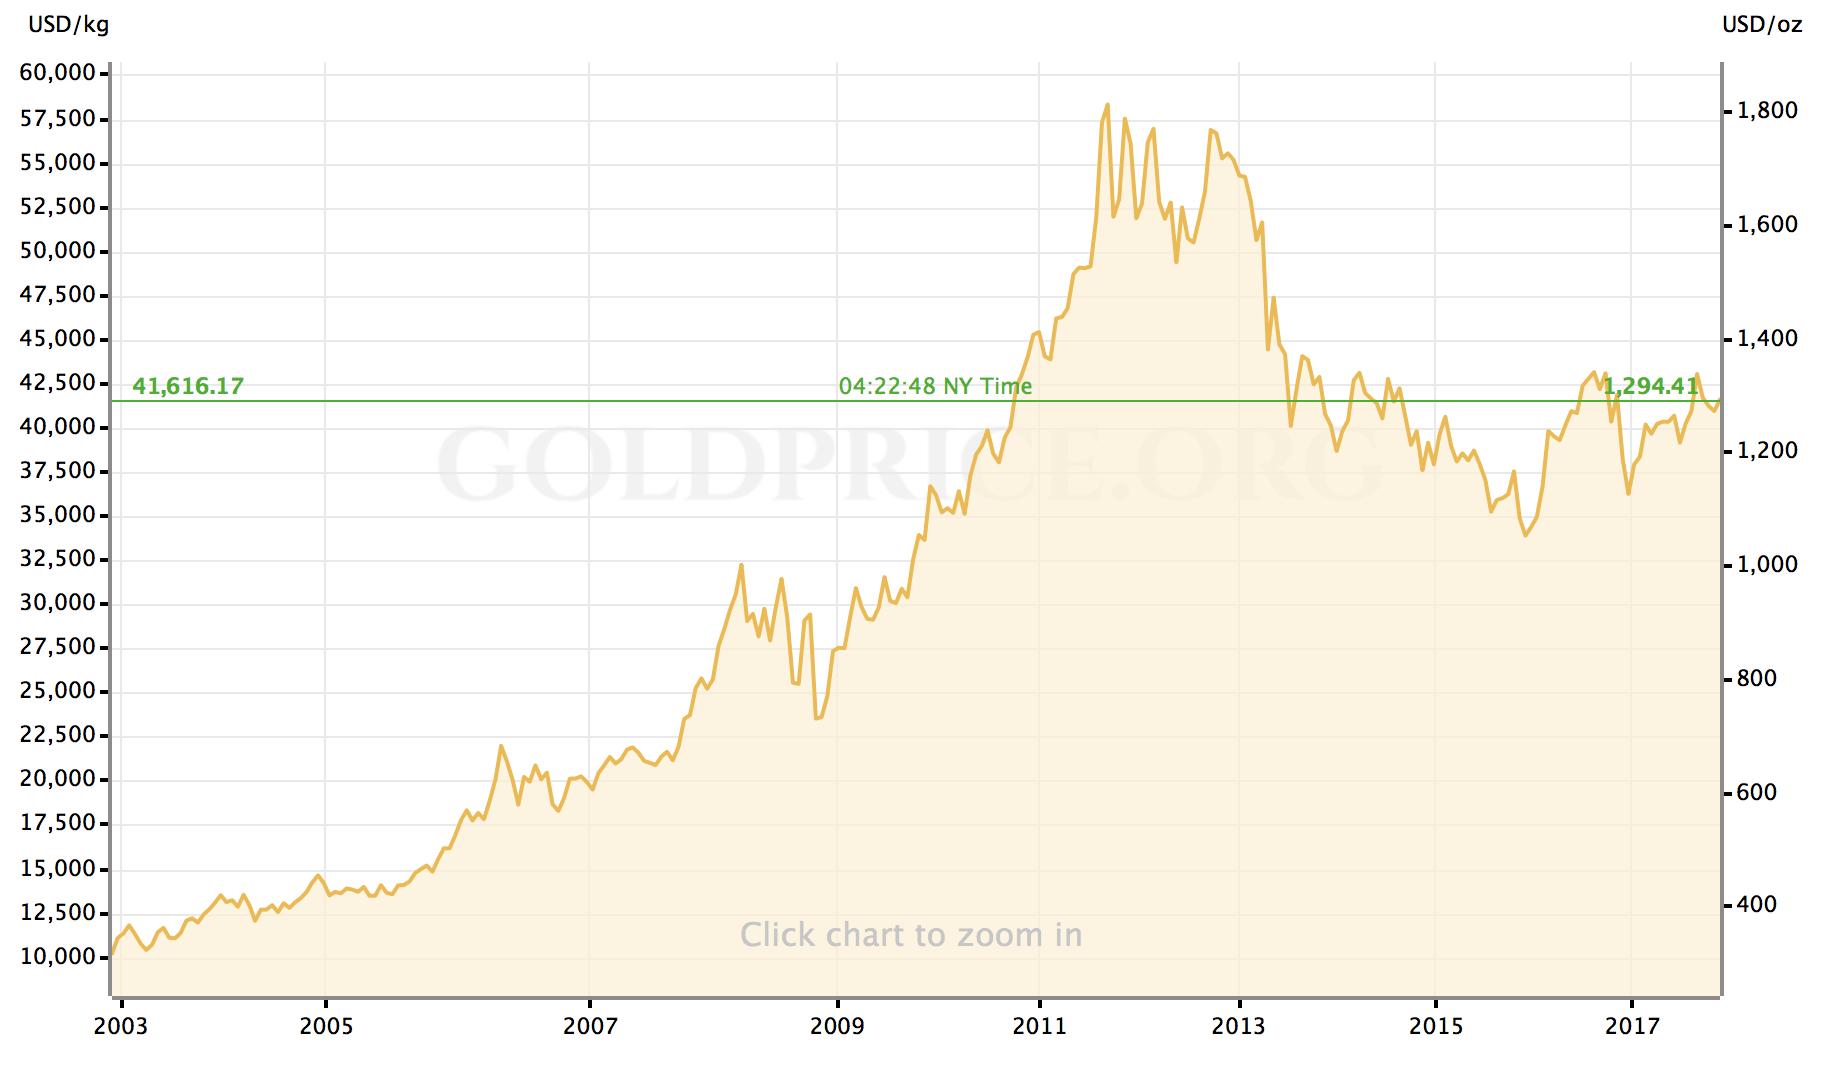 Beleggen in goud. Handleiding voor investeren in goud, goudaandelen en fysiek goud kopen